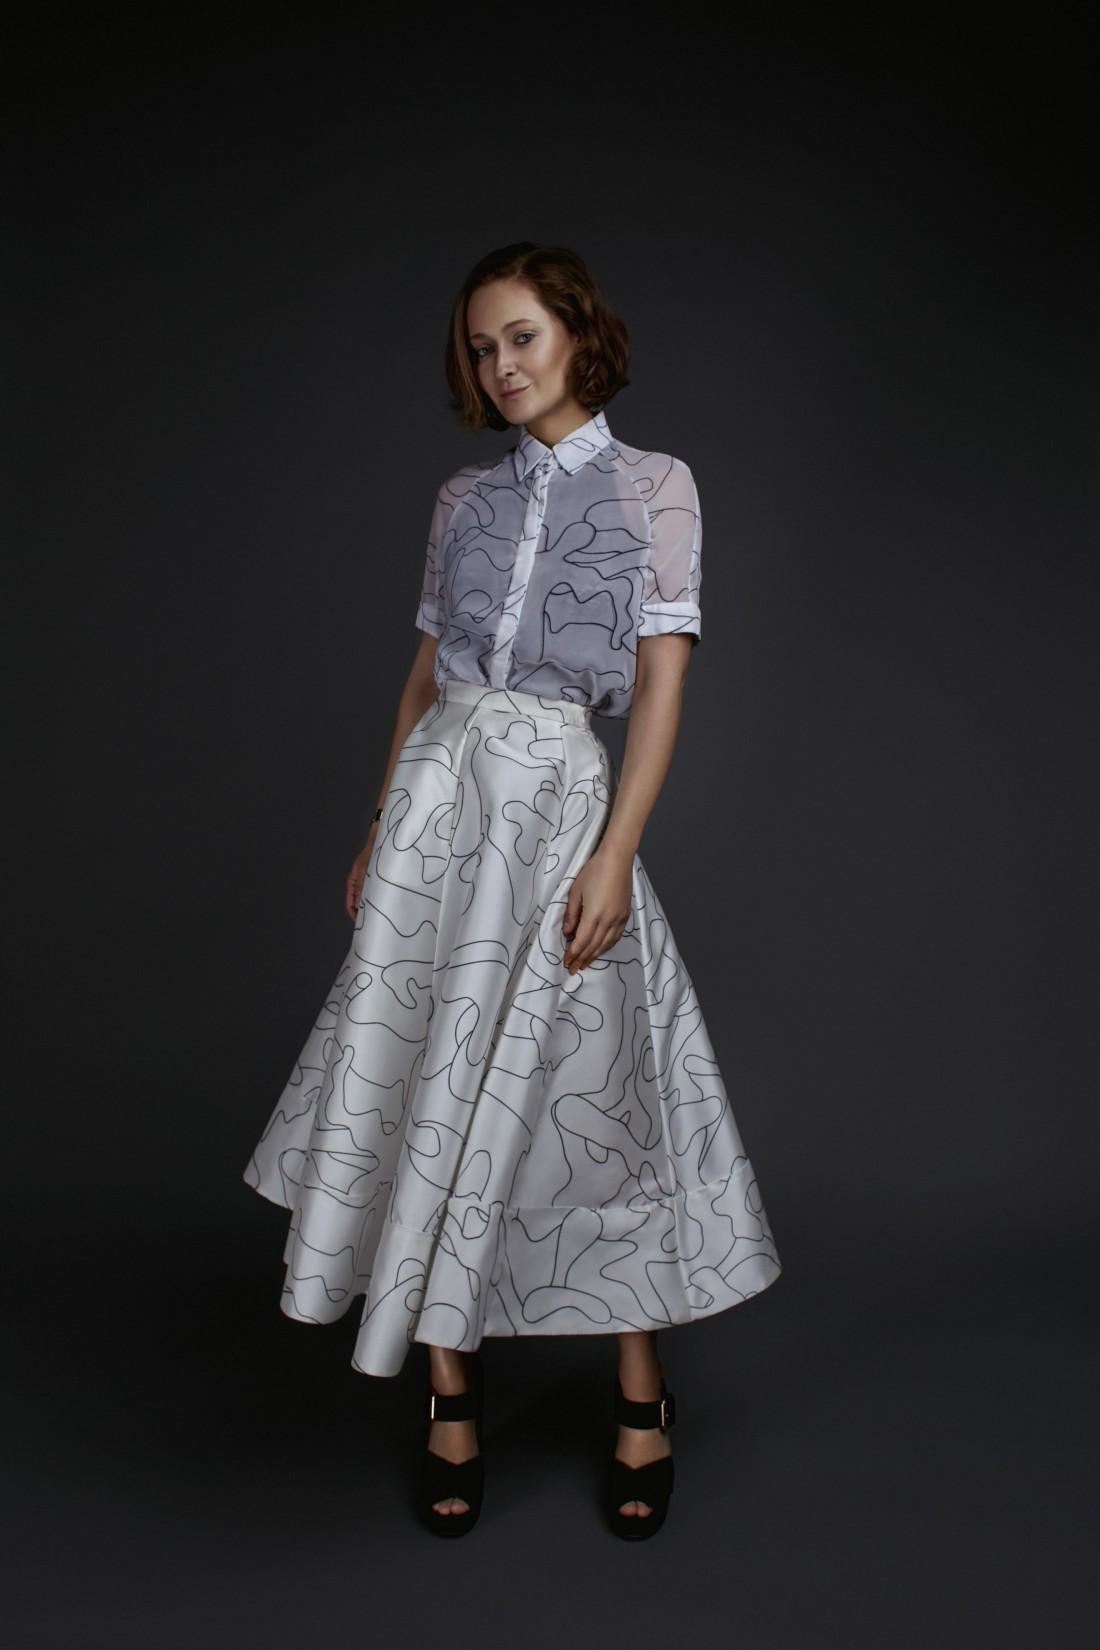 Дарья Шаповалова для #FashionForCharity